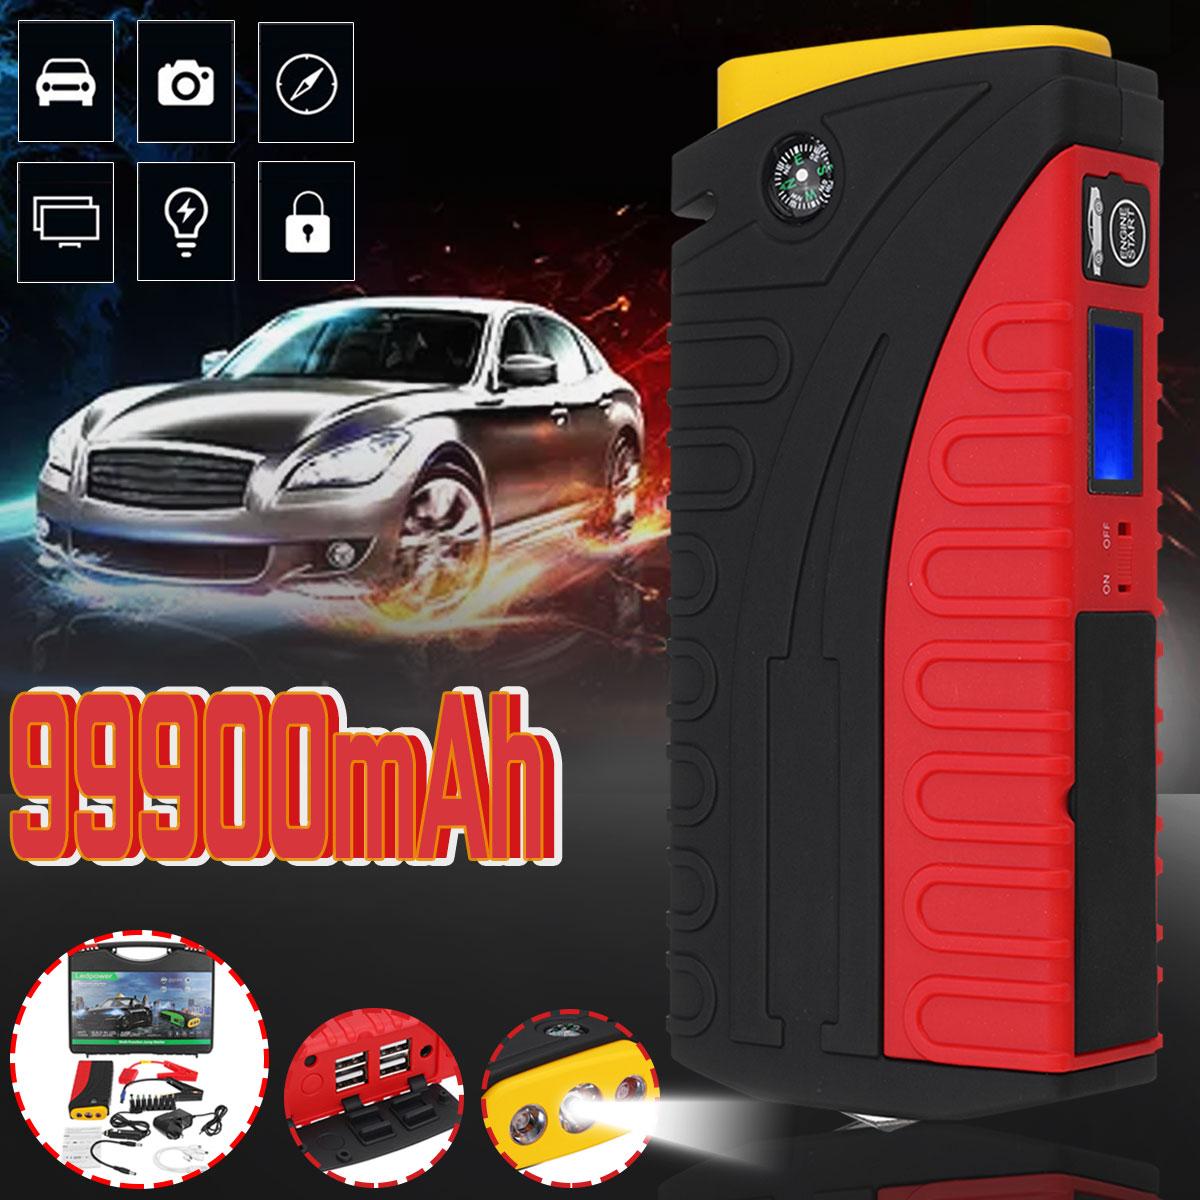 99900 mAh multifonction LED voiture saut démarrage démarreur batterie externe Booster 12 V 600A 4 USB étanche voiture chargeur de secours batterie